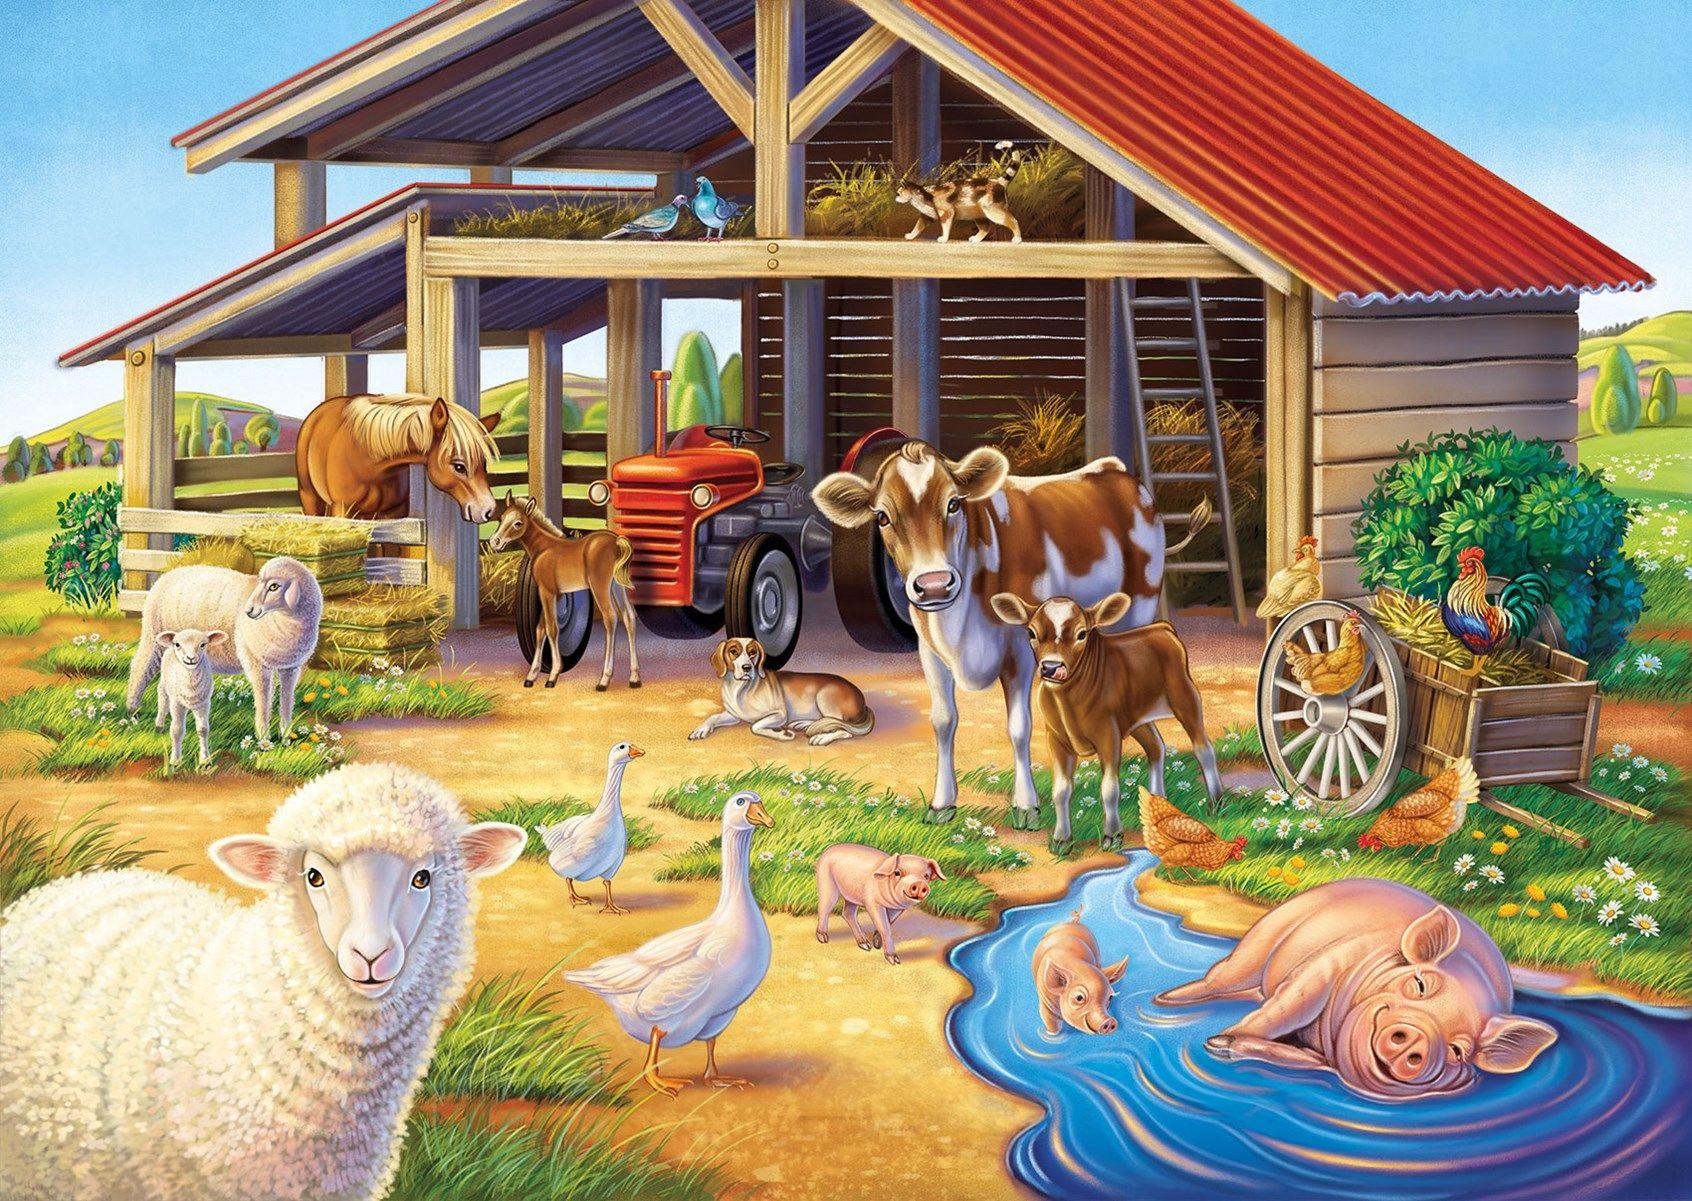 считают картинки разных пород с названиями животных фермы количество участников